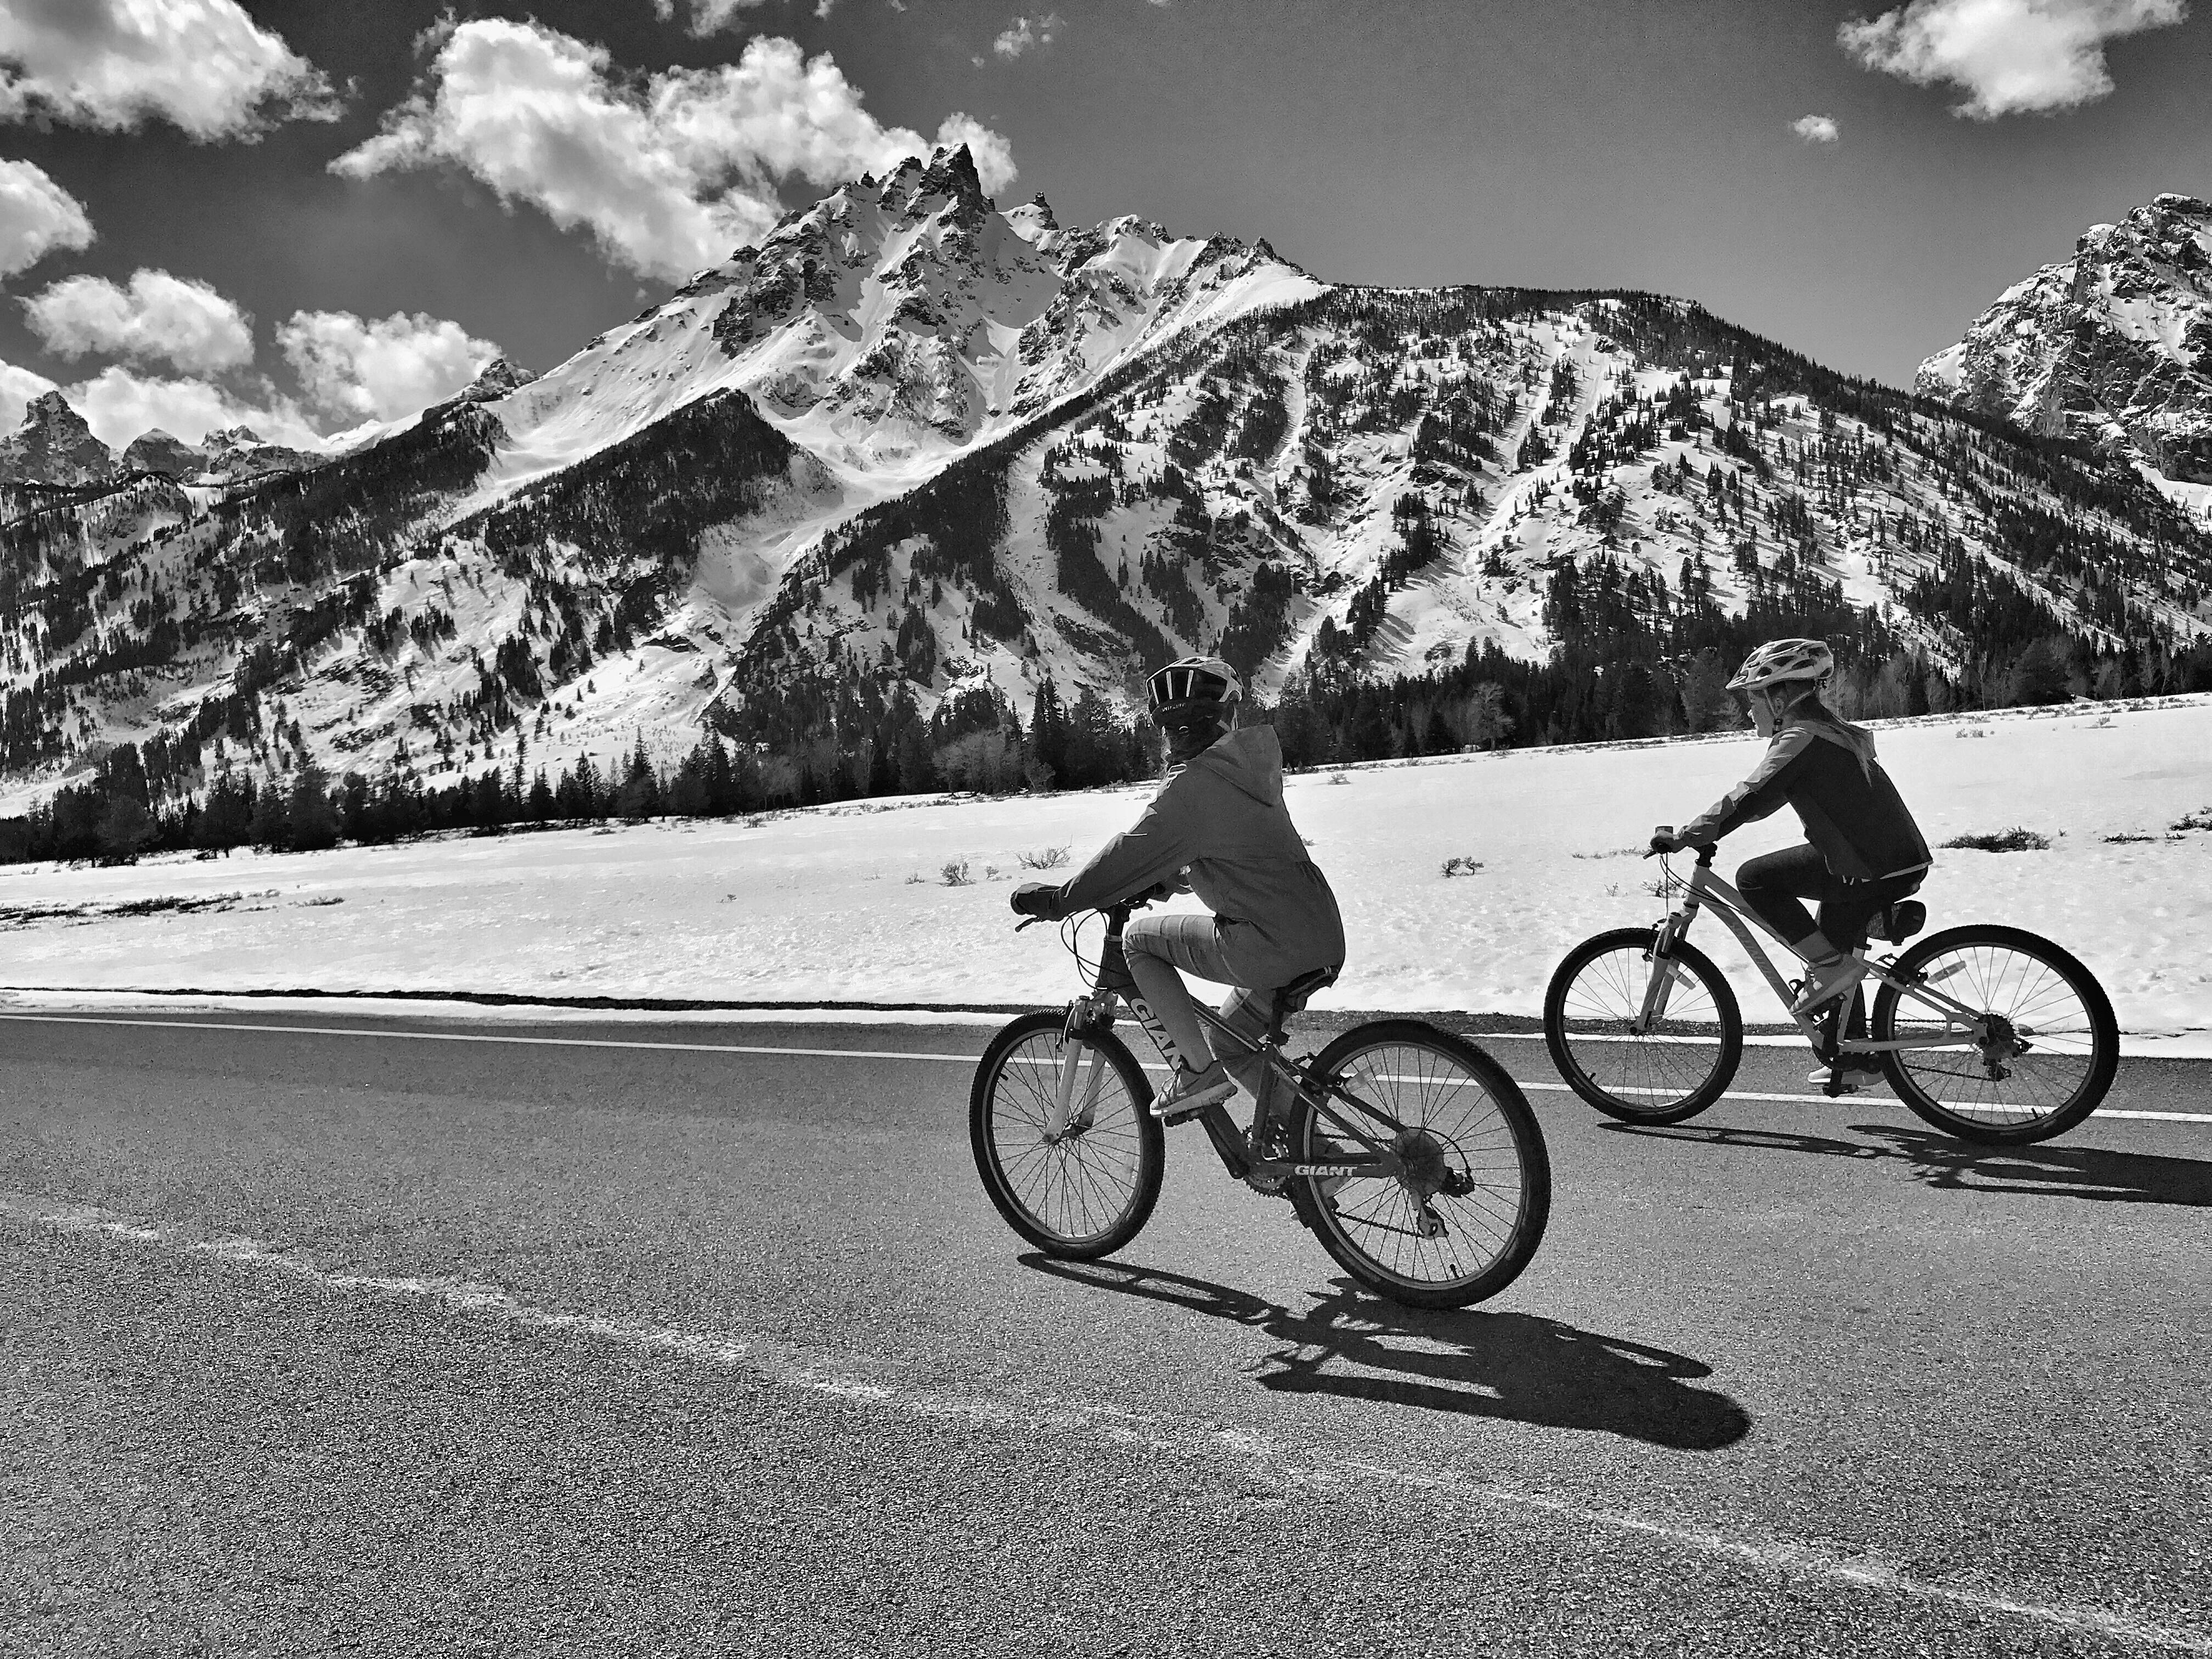 Spring biking on the inner park road in Grand Teton National Park